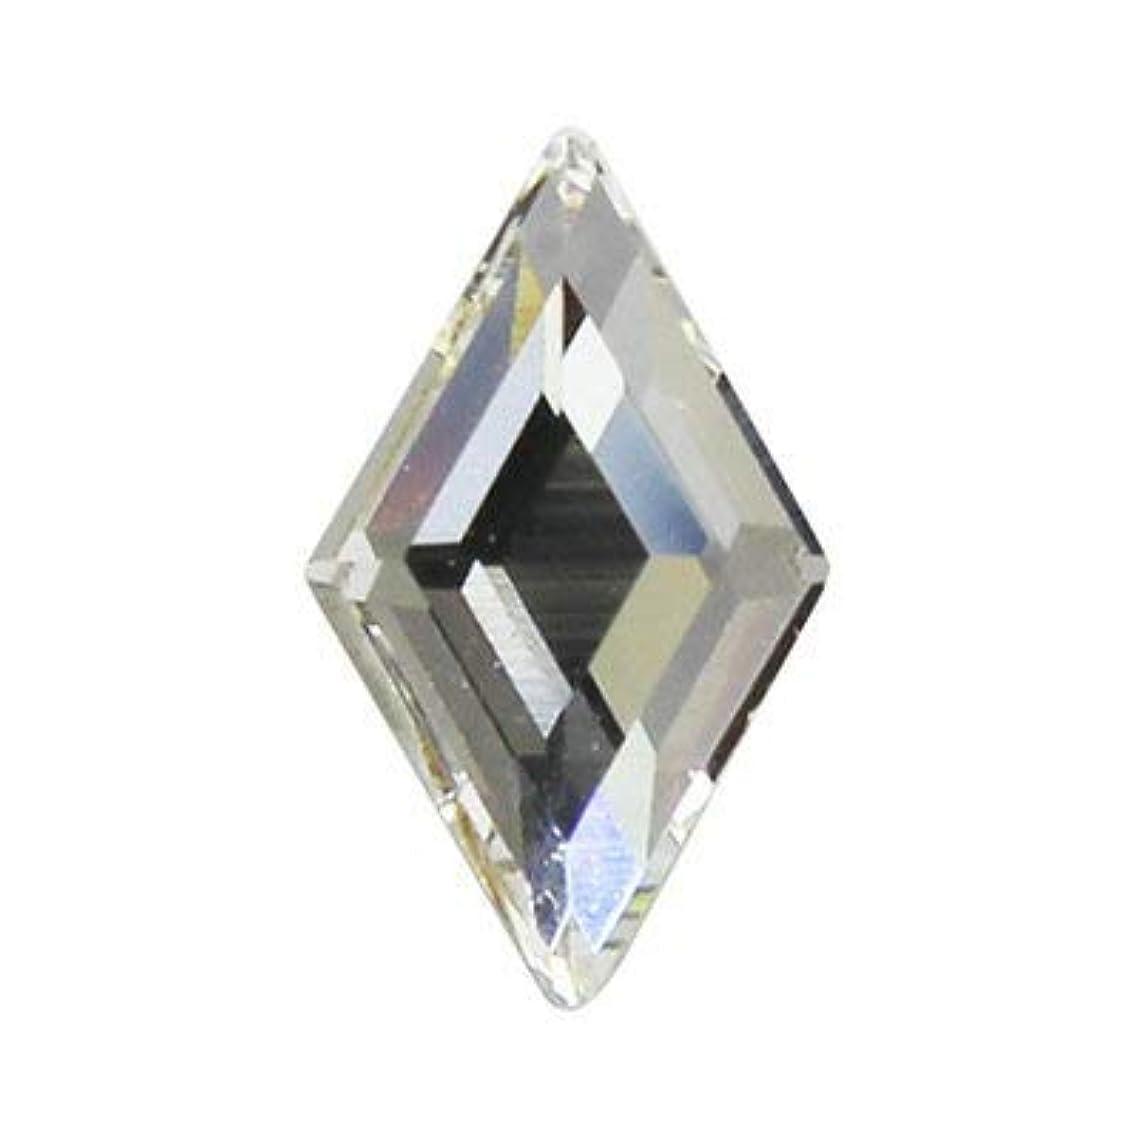 講堂等結紮SWAROVSKI クリスタル #2773 ダイヤモンド 9.9×5.9mm 2p